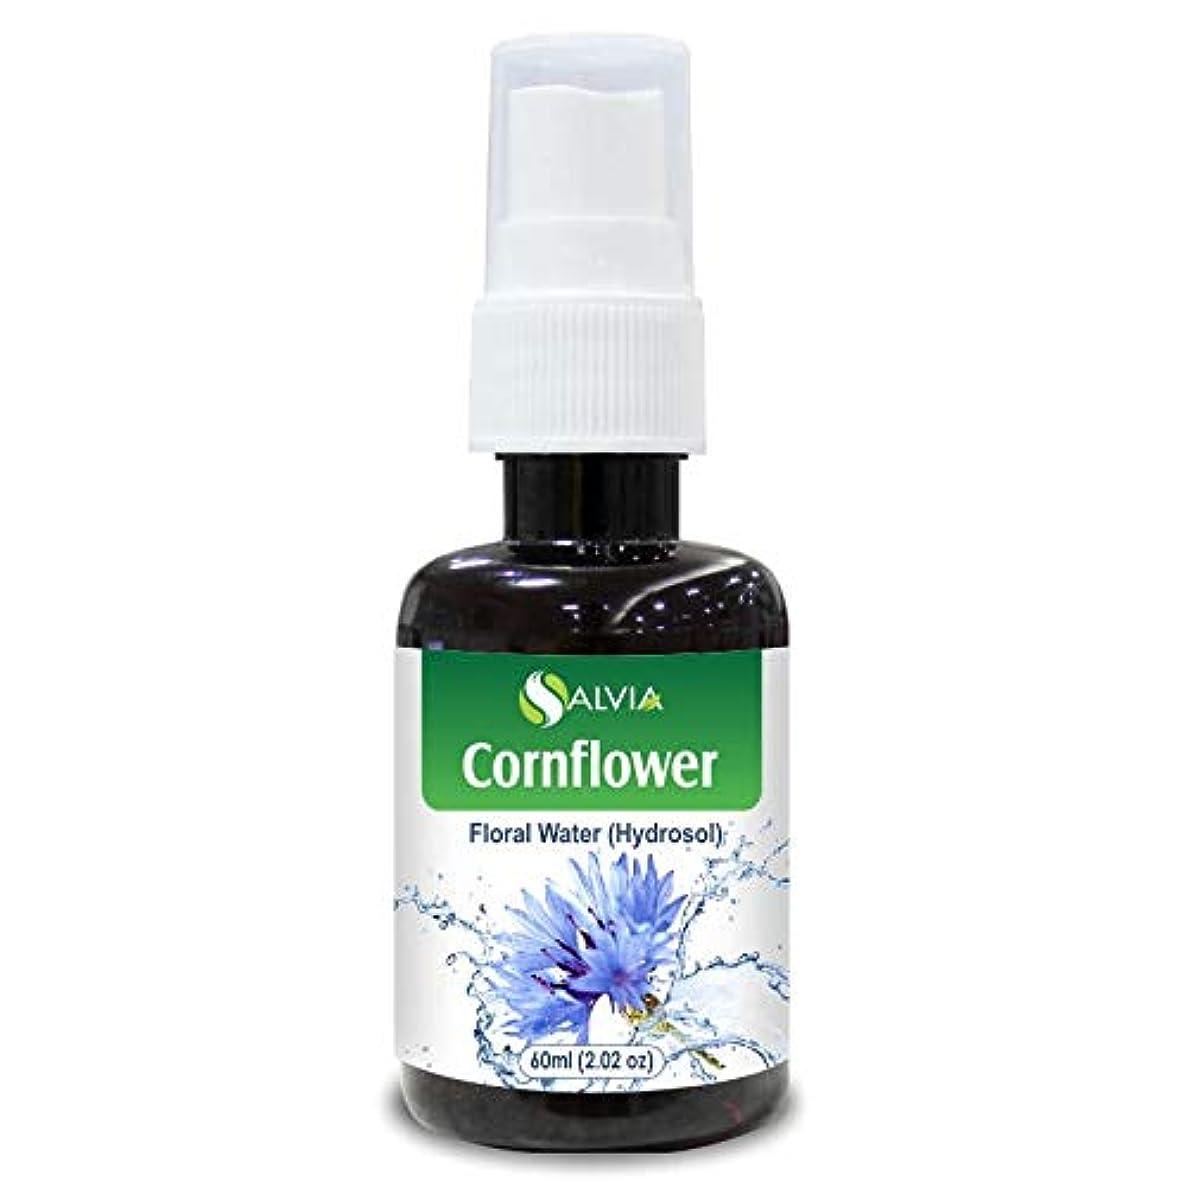 請願者付き添い人祭りCornflower Floral Water 60ml (Hydrosol) 100% Pure And Natural